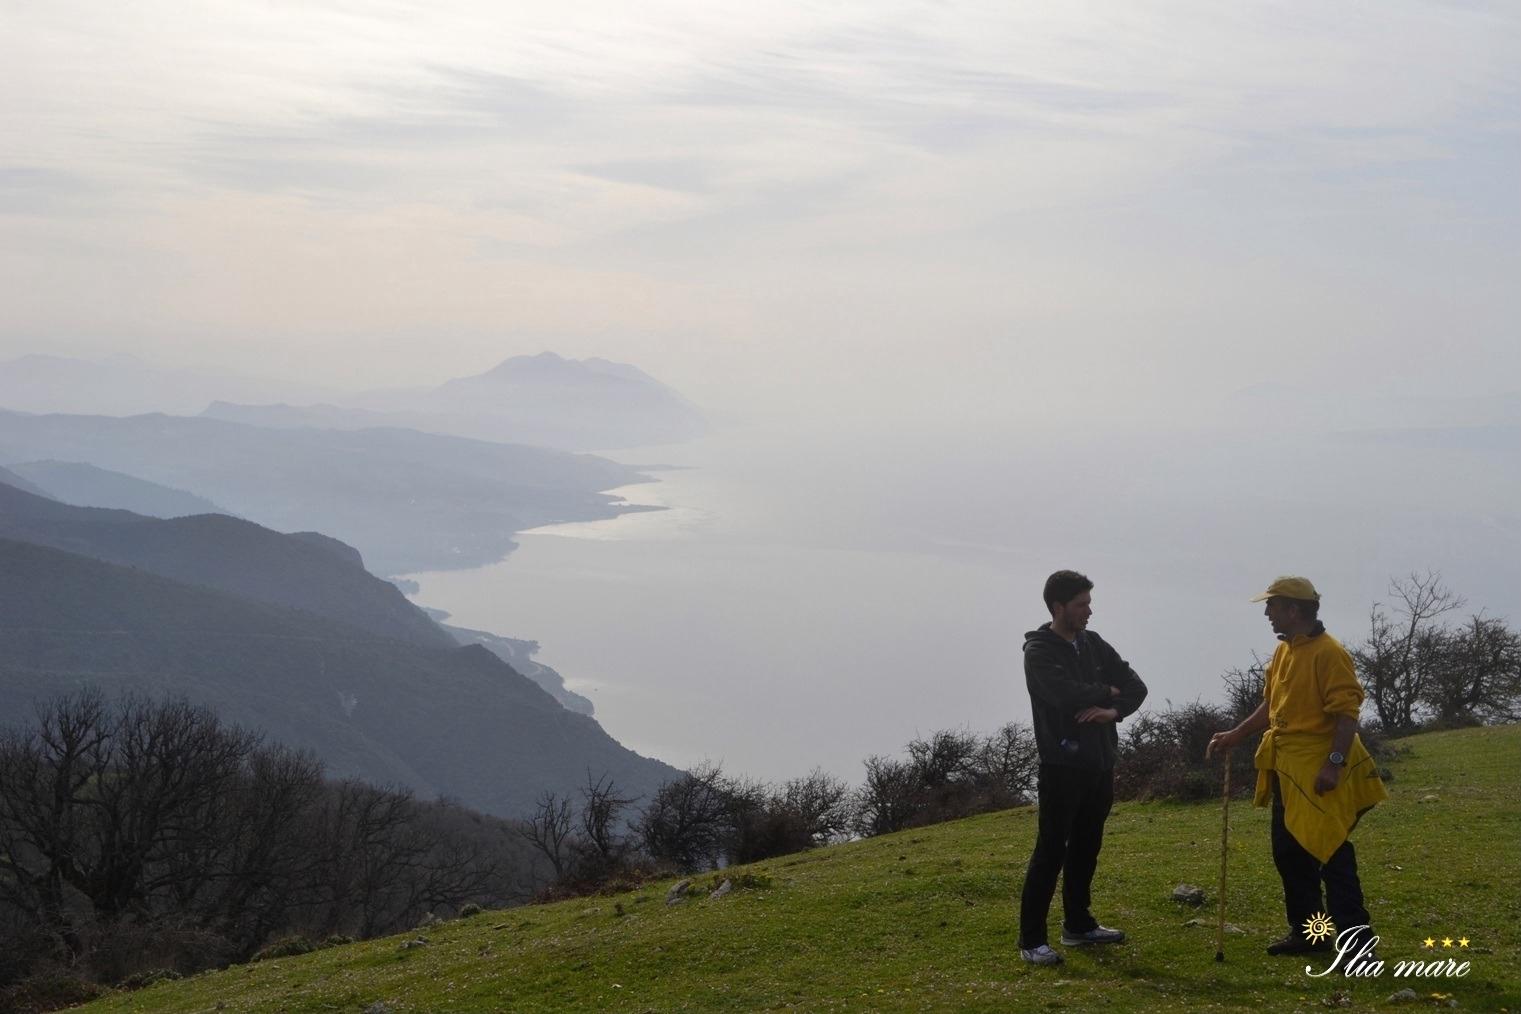 Όρος Τελέθριο κορυφή Γυμνό, μπροστά μας η Ροβιές κ το Όρος